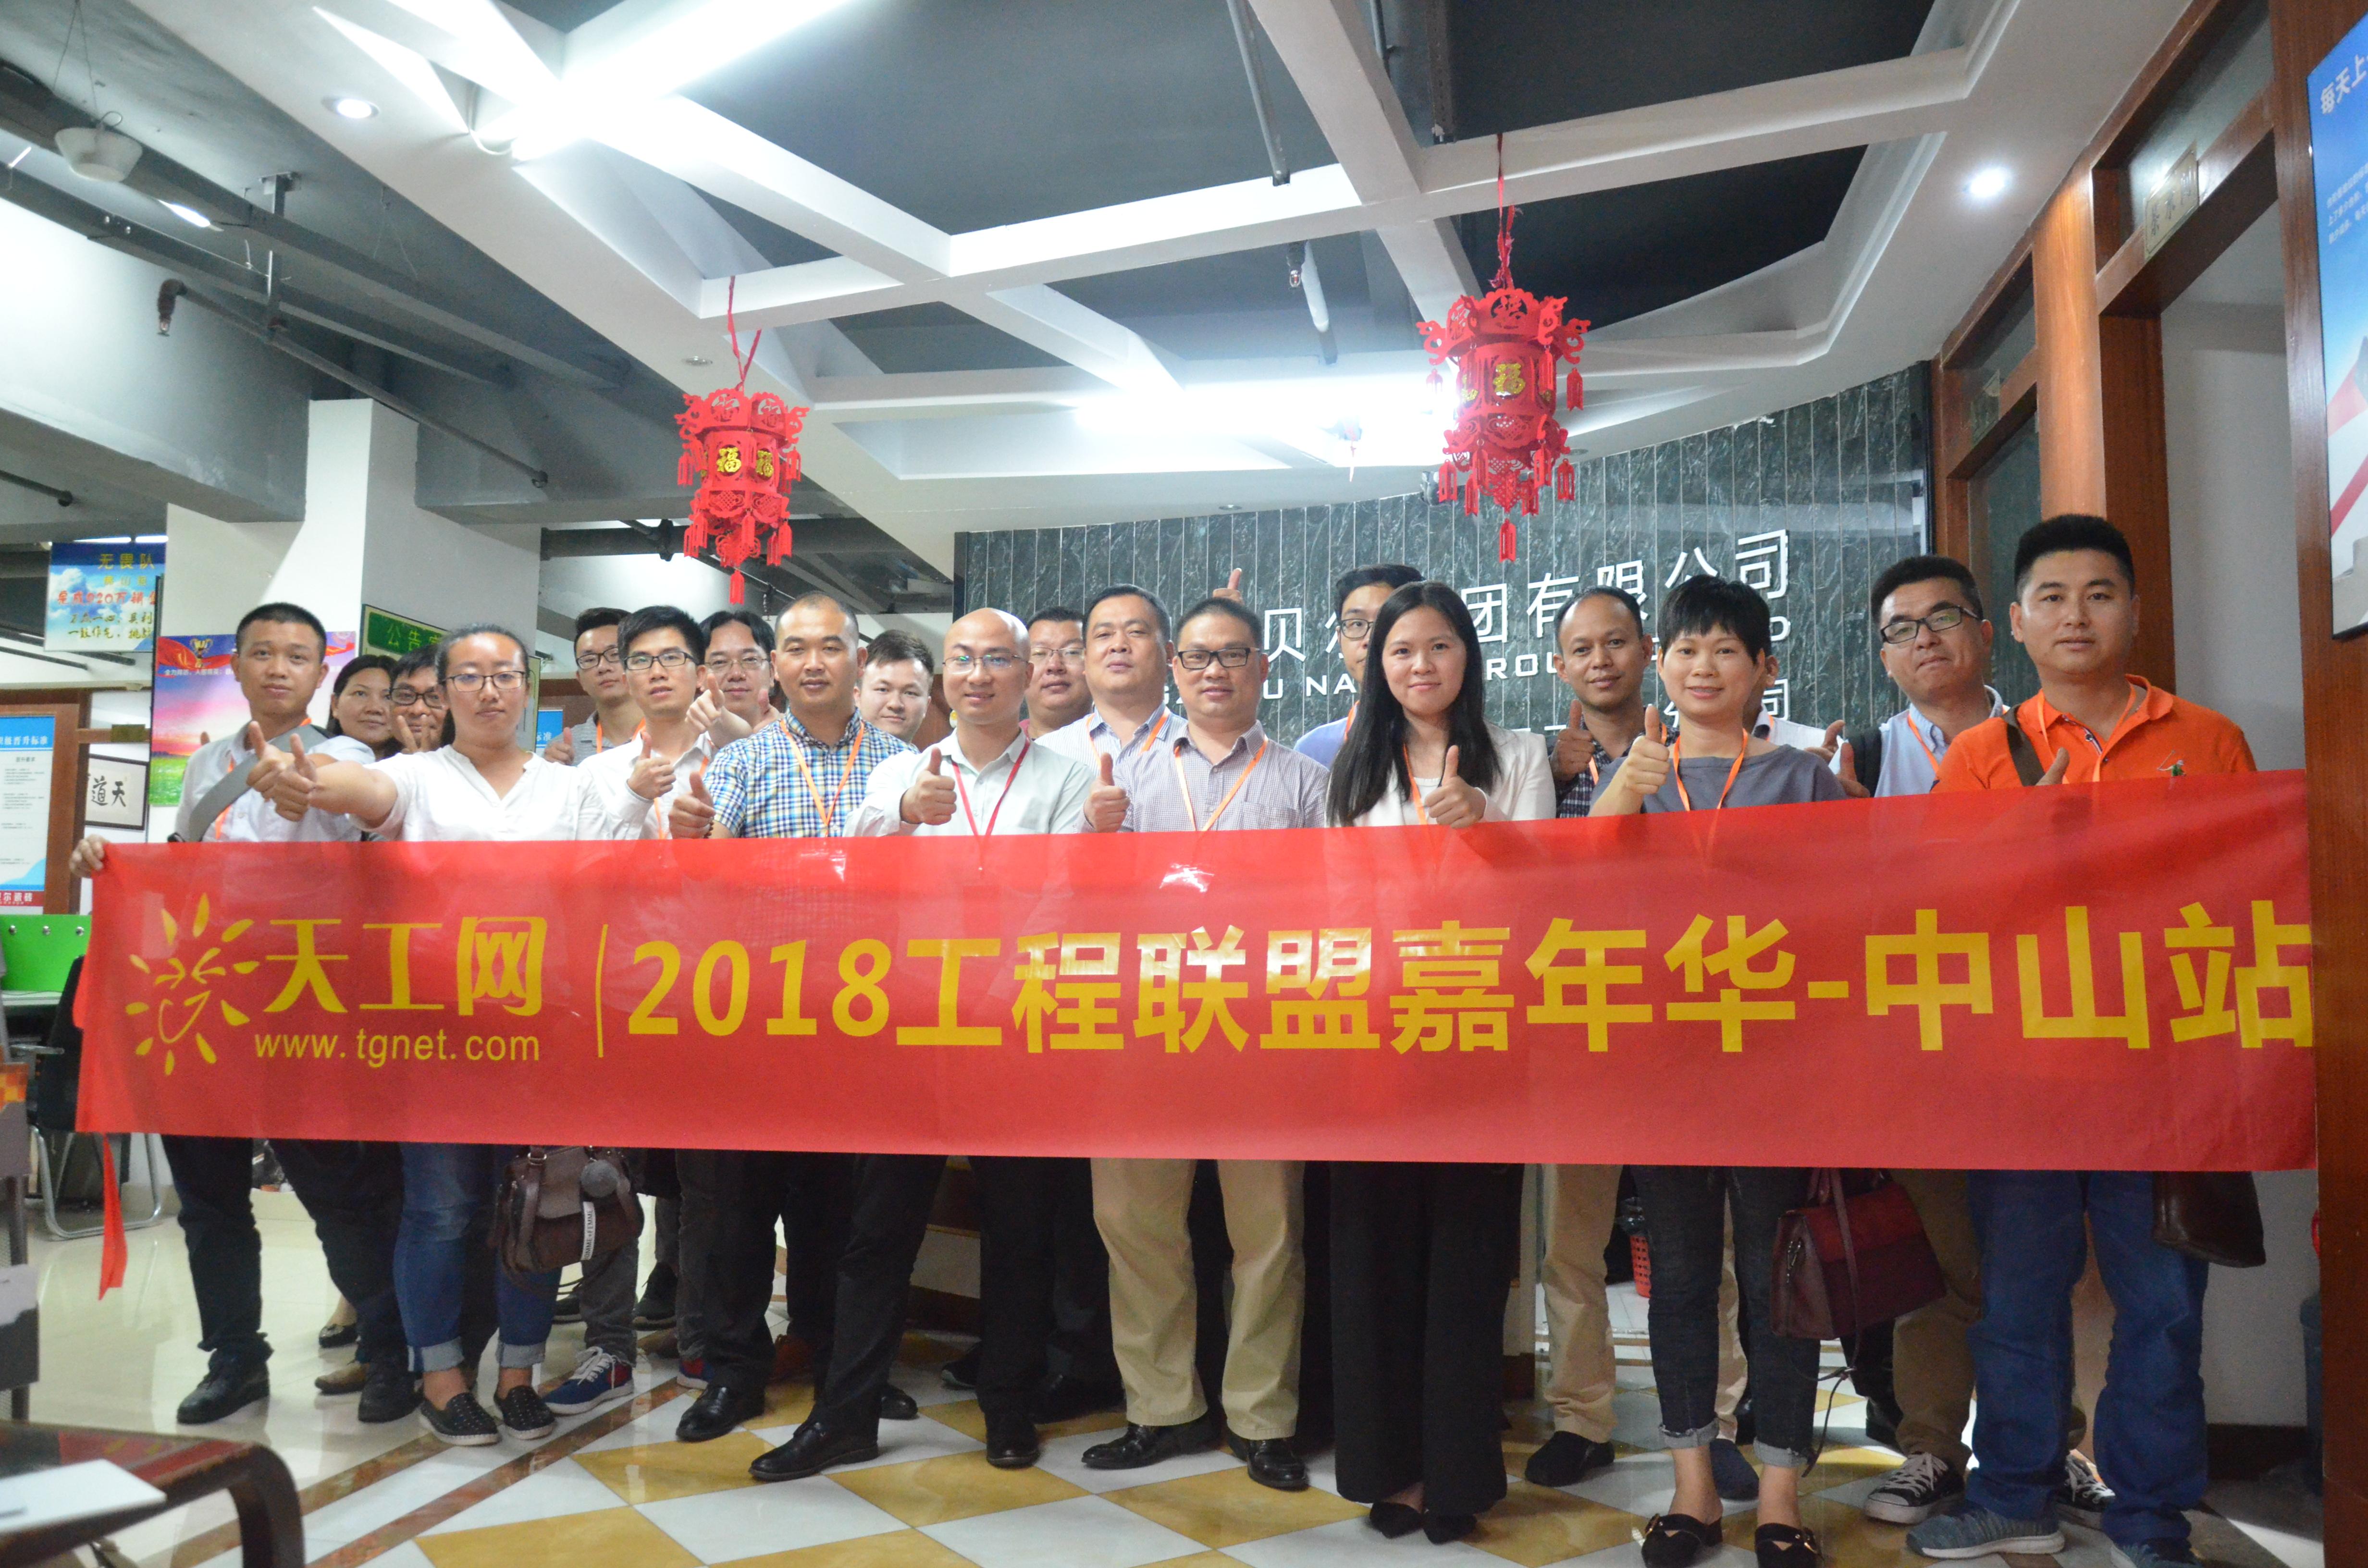 2018天工网工程交流会――中山站